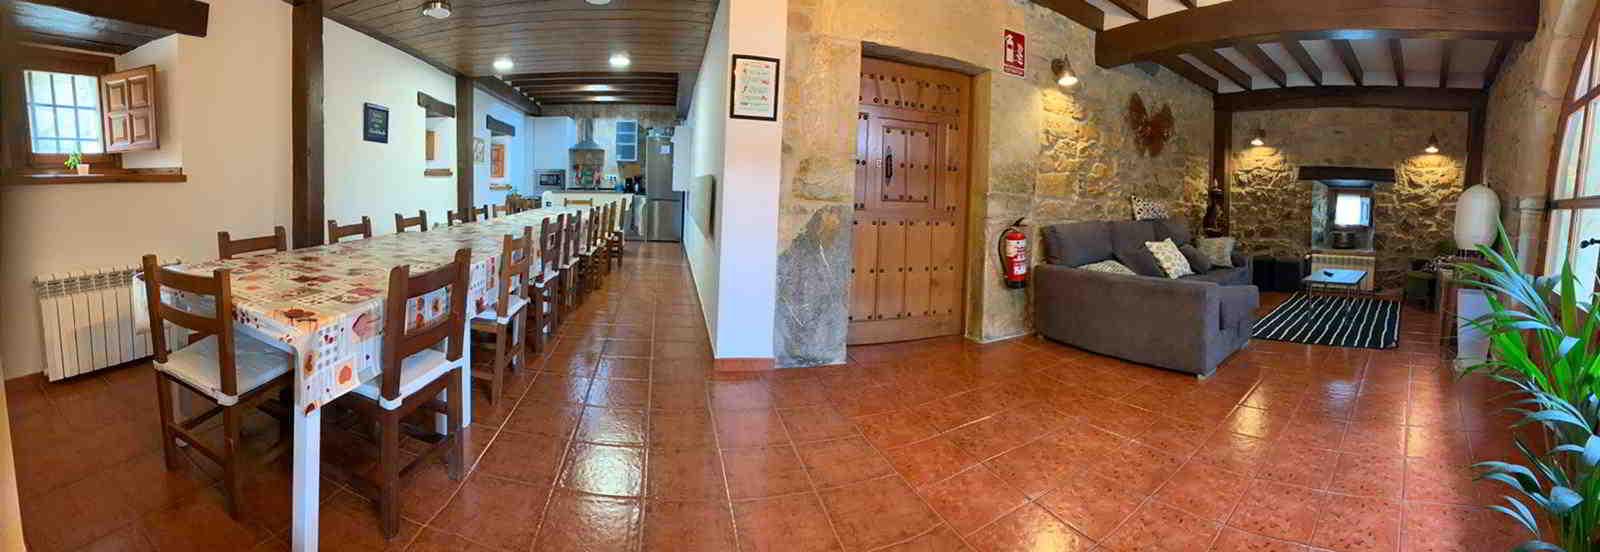 panoramica salon comedor para grupos grandes cantabria casa rural